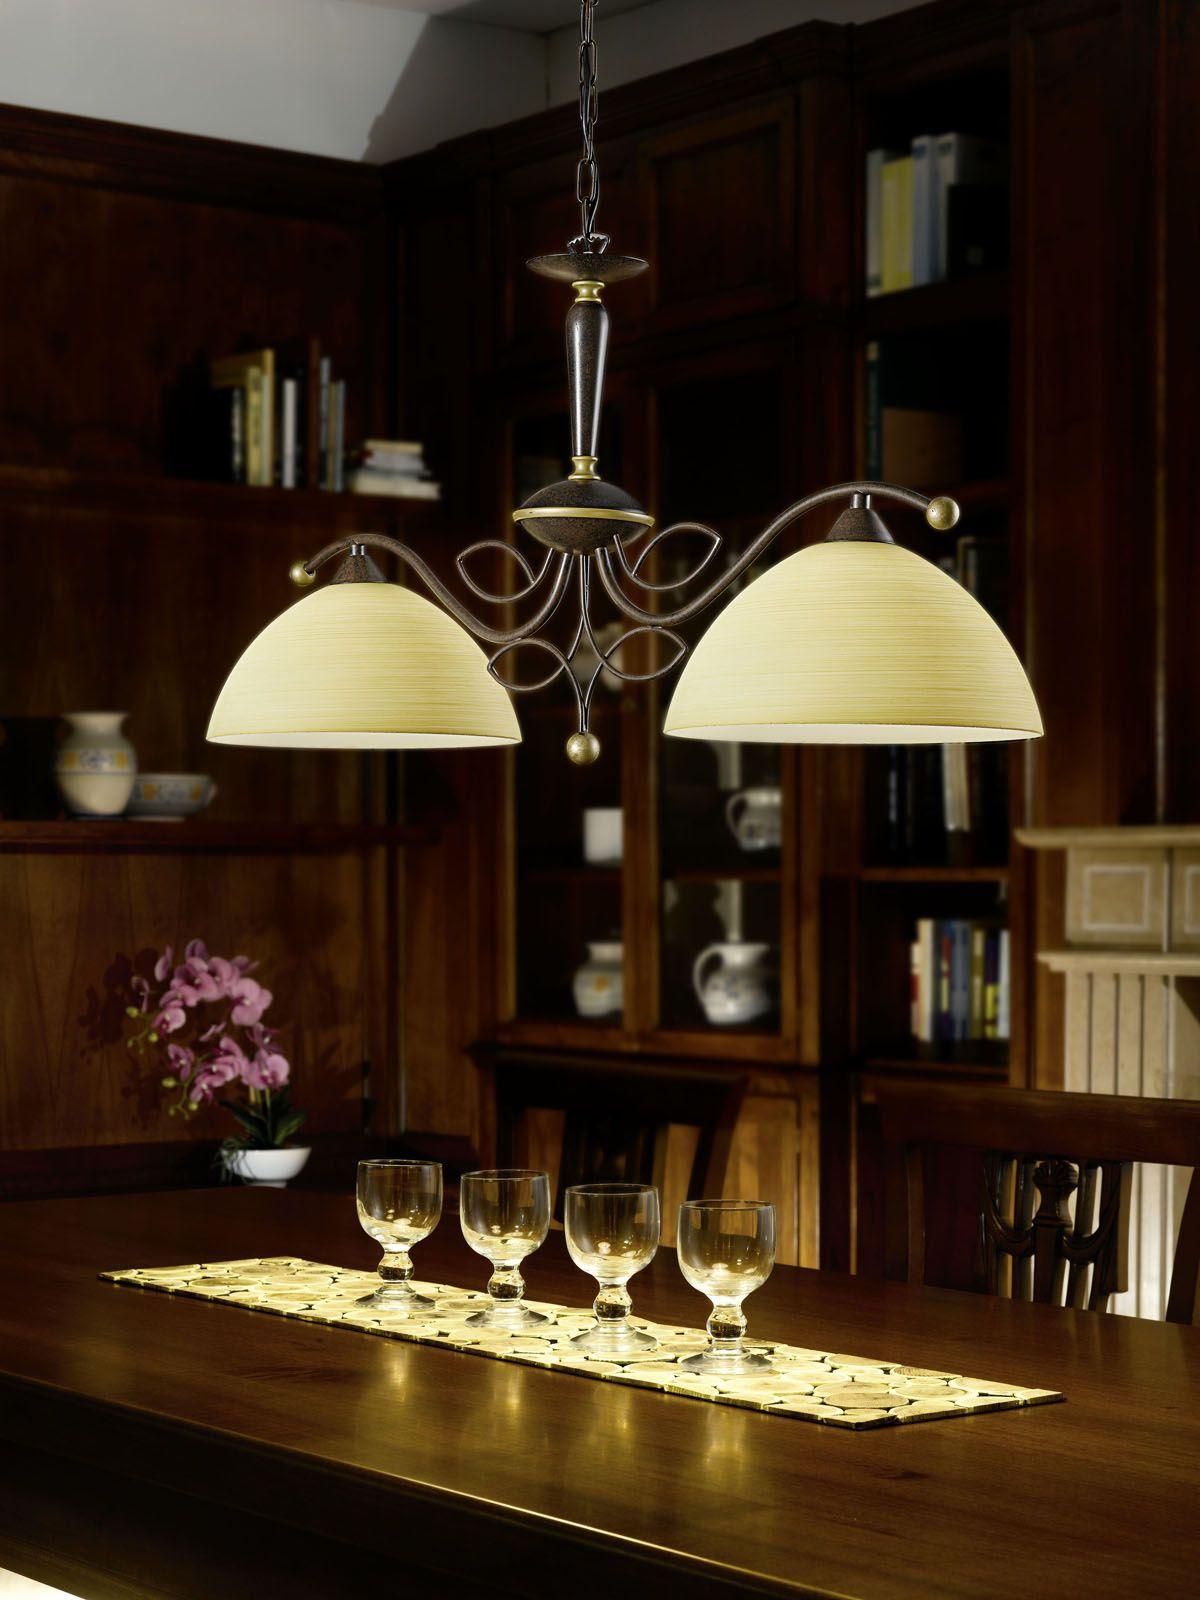 Genial Moderne Esszimmerlampen Ideen Von Diese Rustikale Esszimmerlampe Unterstützt Wunderbar Ihren Rustikalen